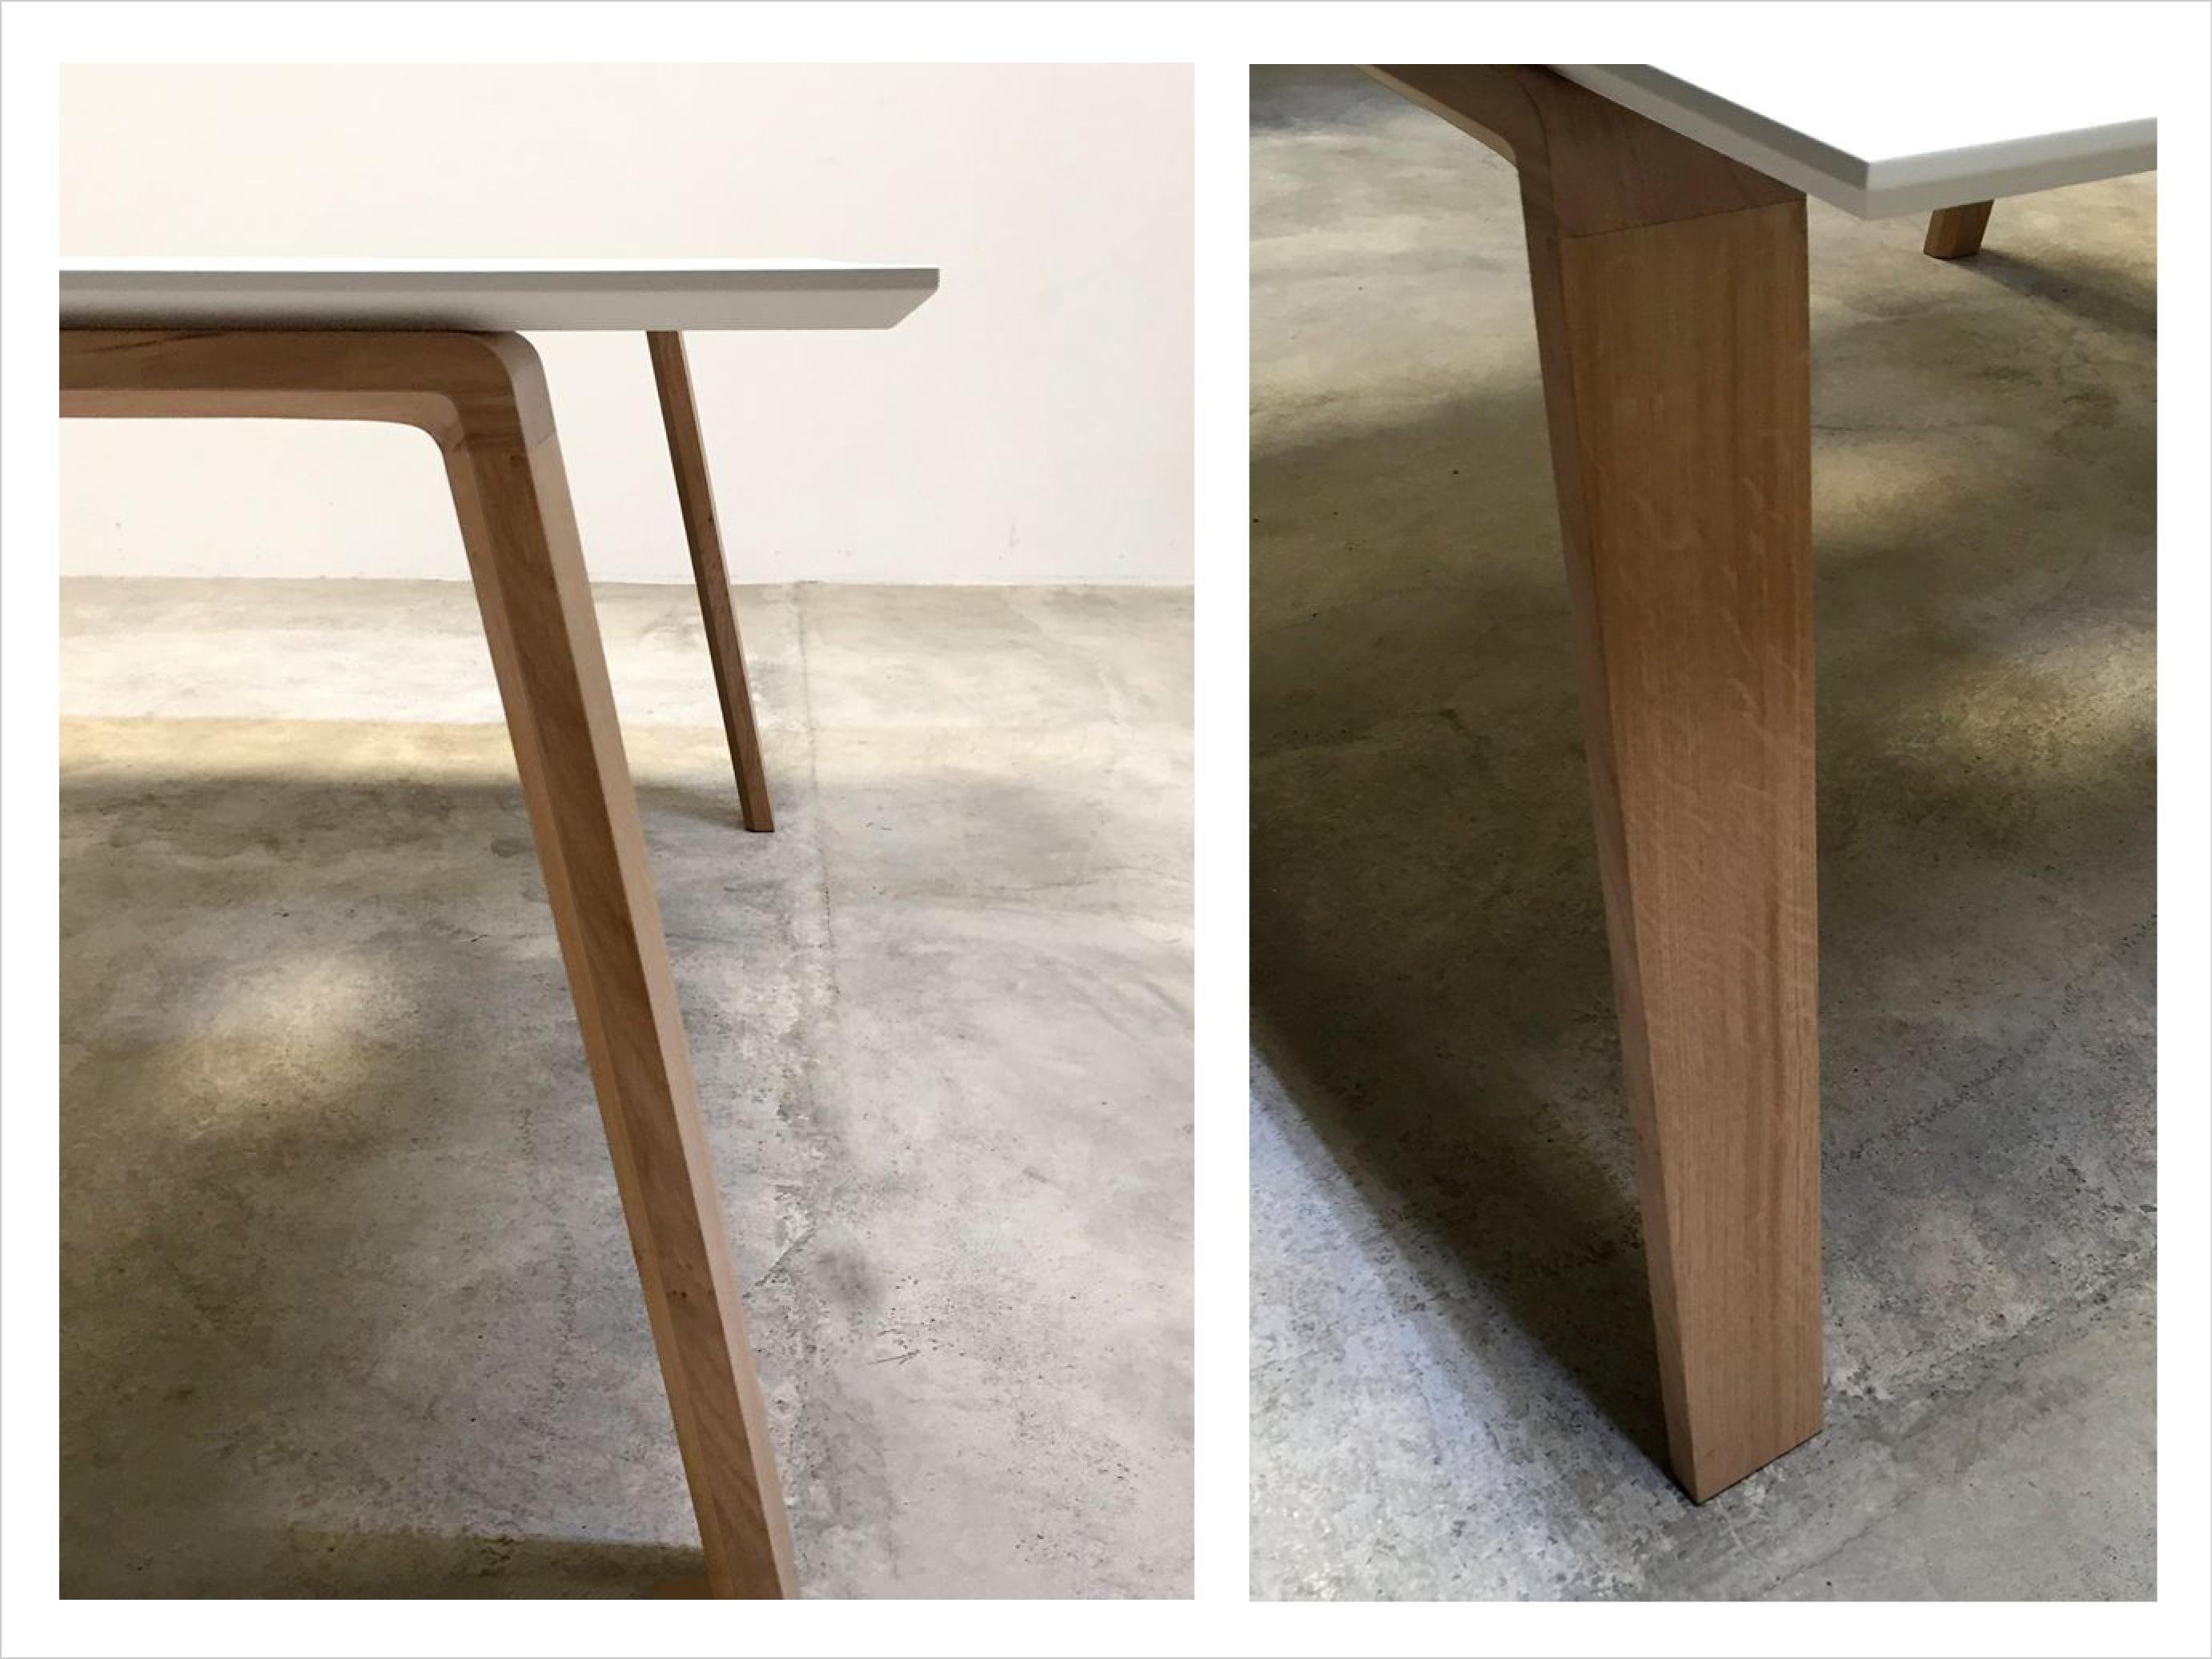 Inspirational Boss system tables to Famo design by Aitor G de Vicu a AGVestudio